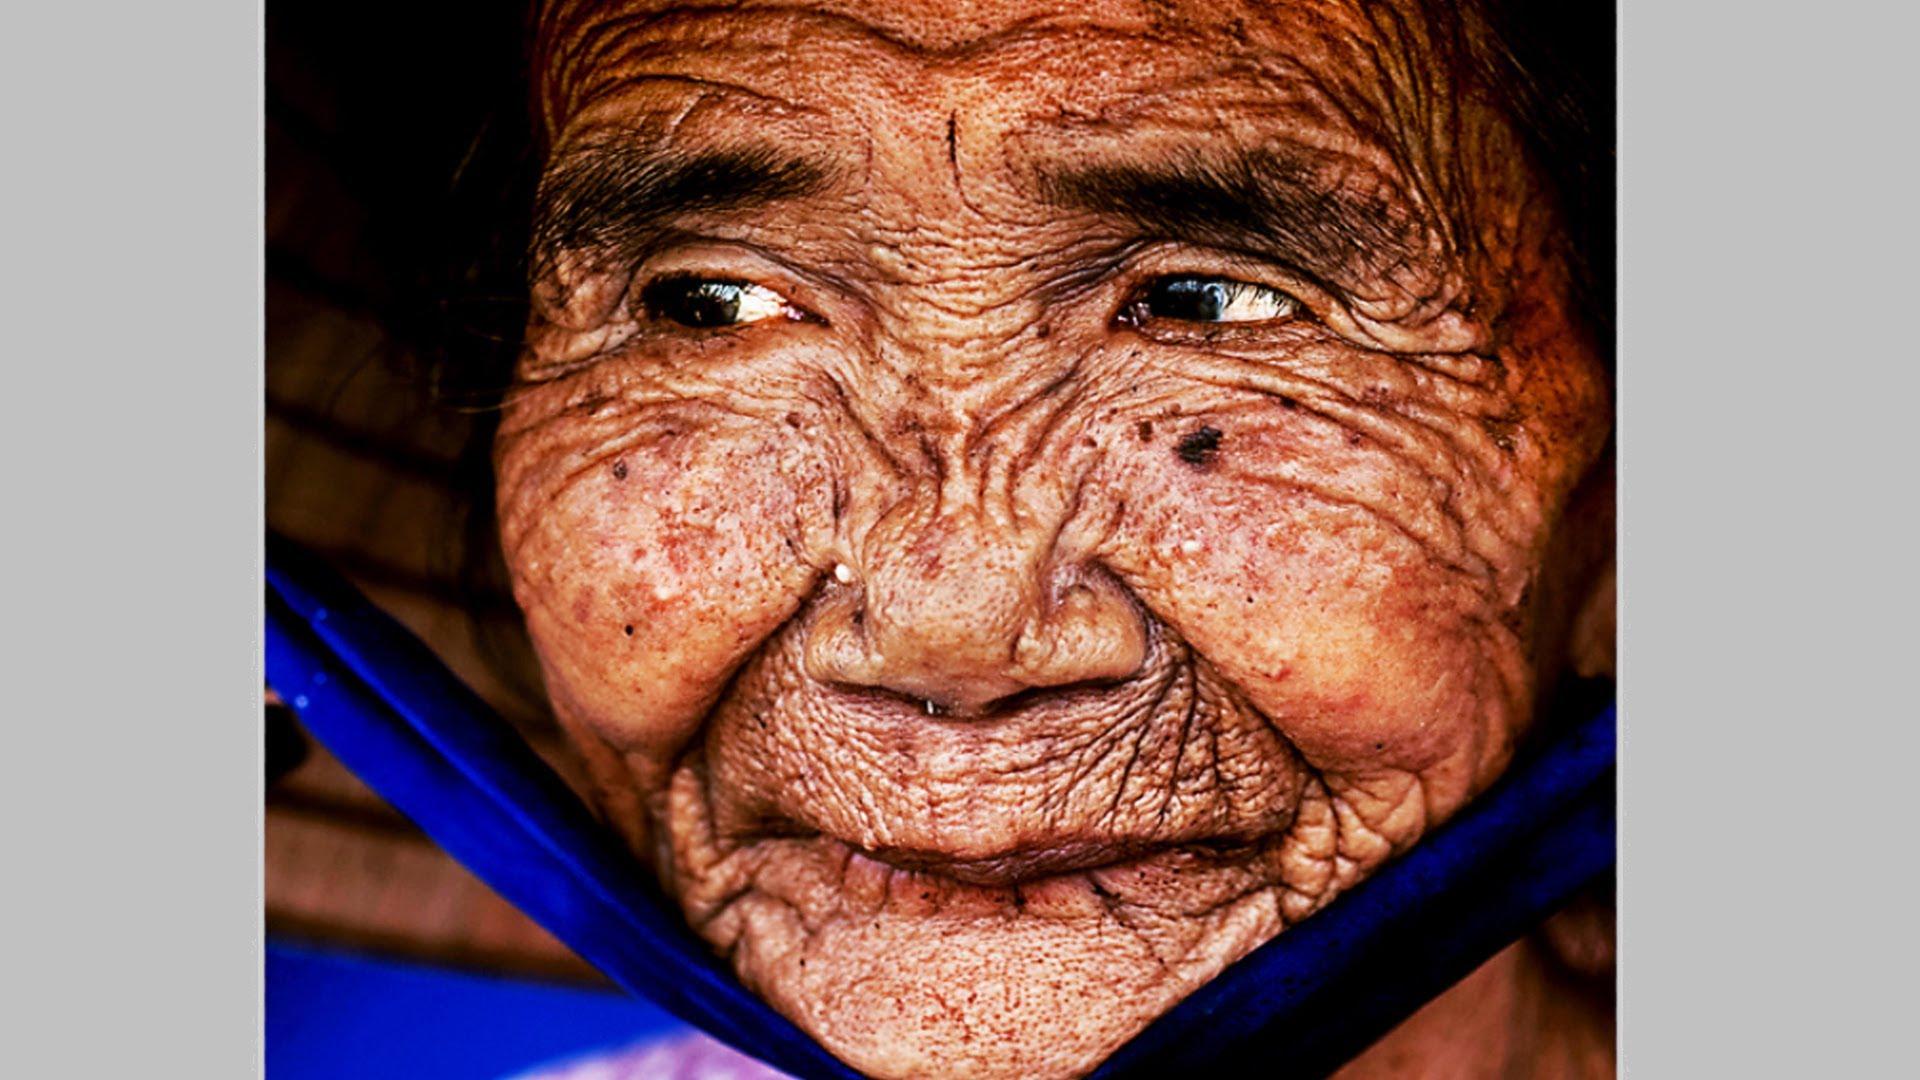 VIDEO: HÄMMASTAV - vaata, kuidas 100 aasta vanusest naisest tehakse noor naine photoshopi abiga